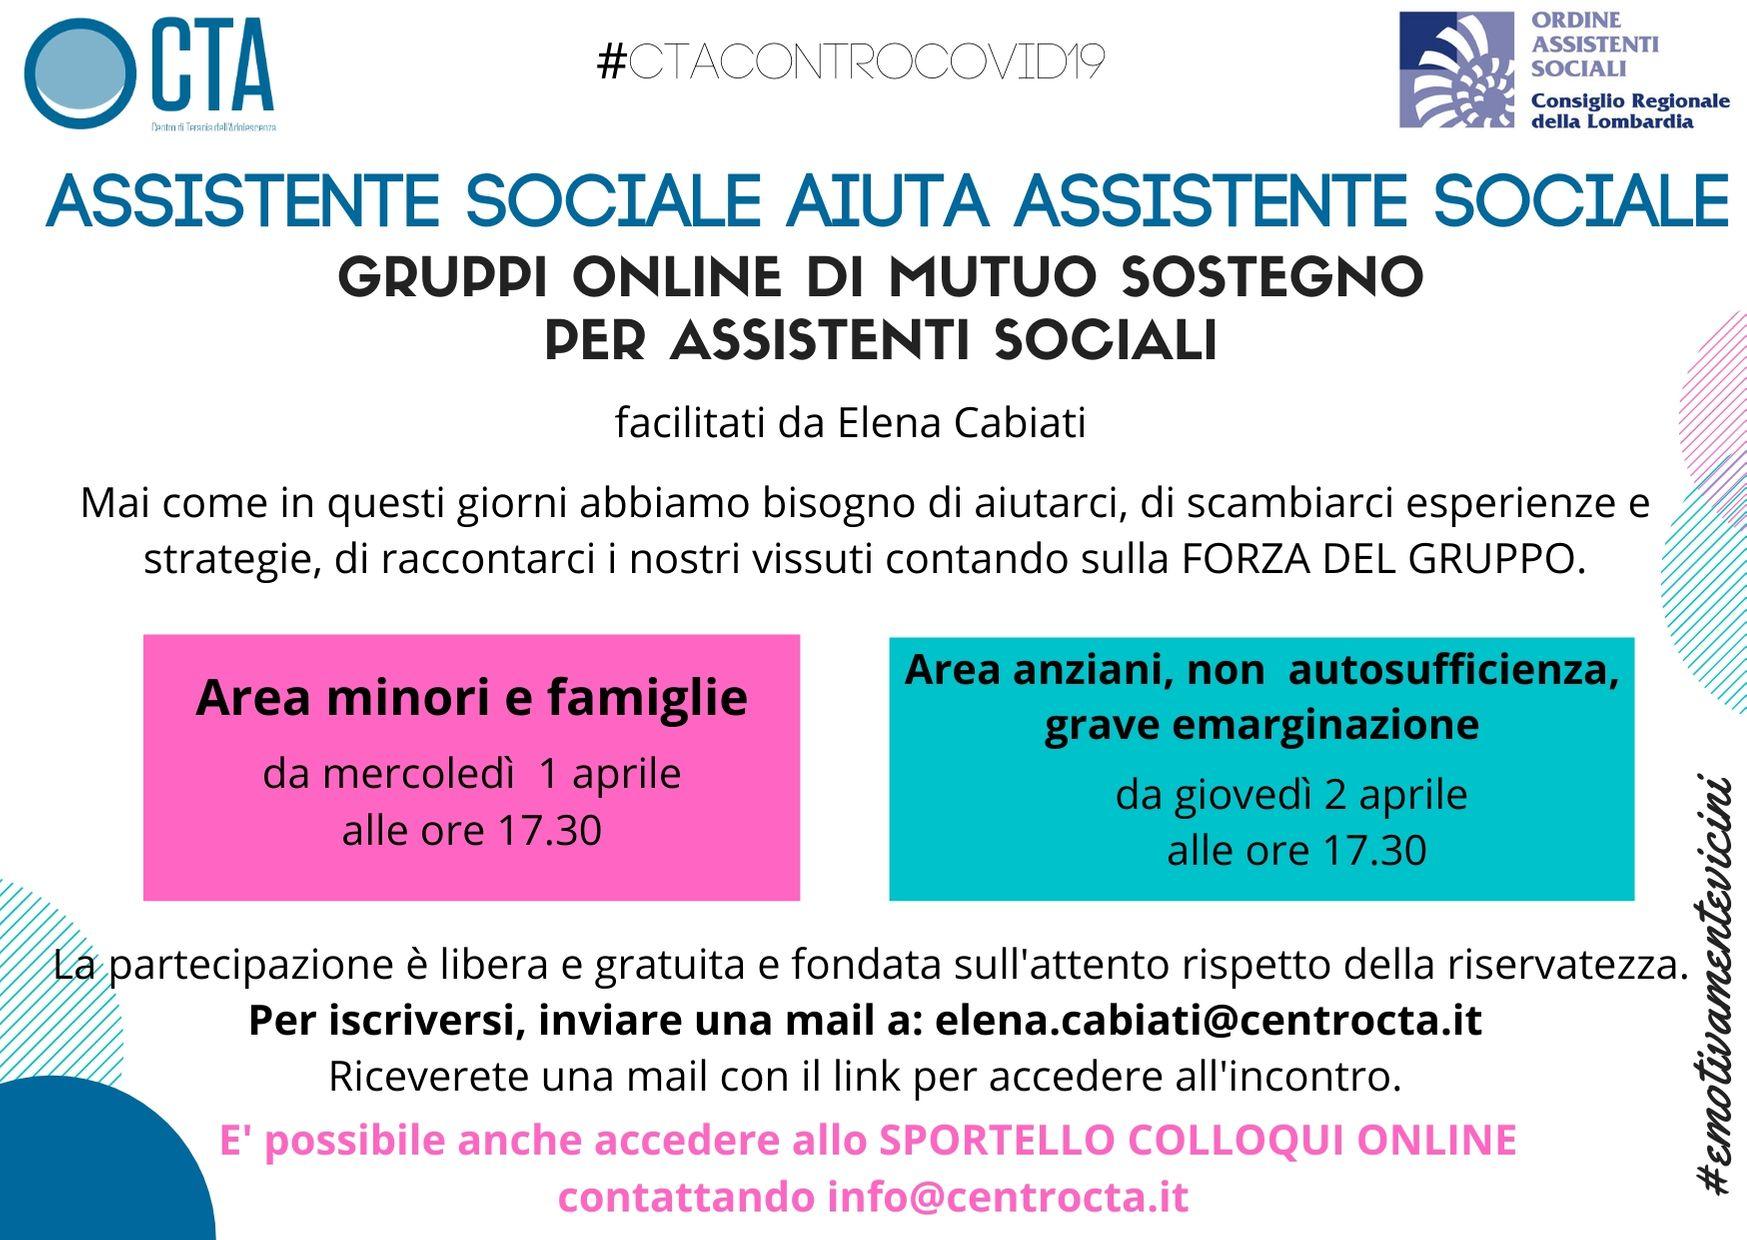 Assistente sociale aiuta assistente sociale – gruppi online di mutuo sostegno CTA